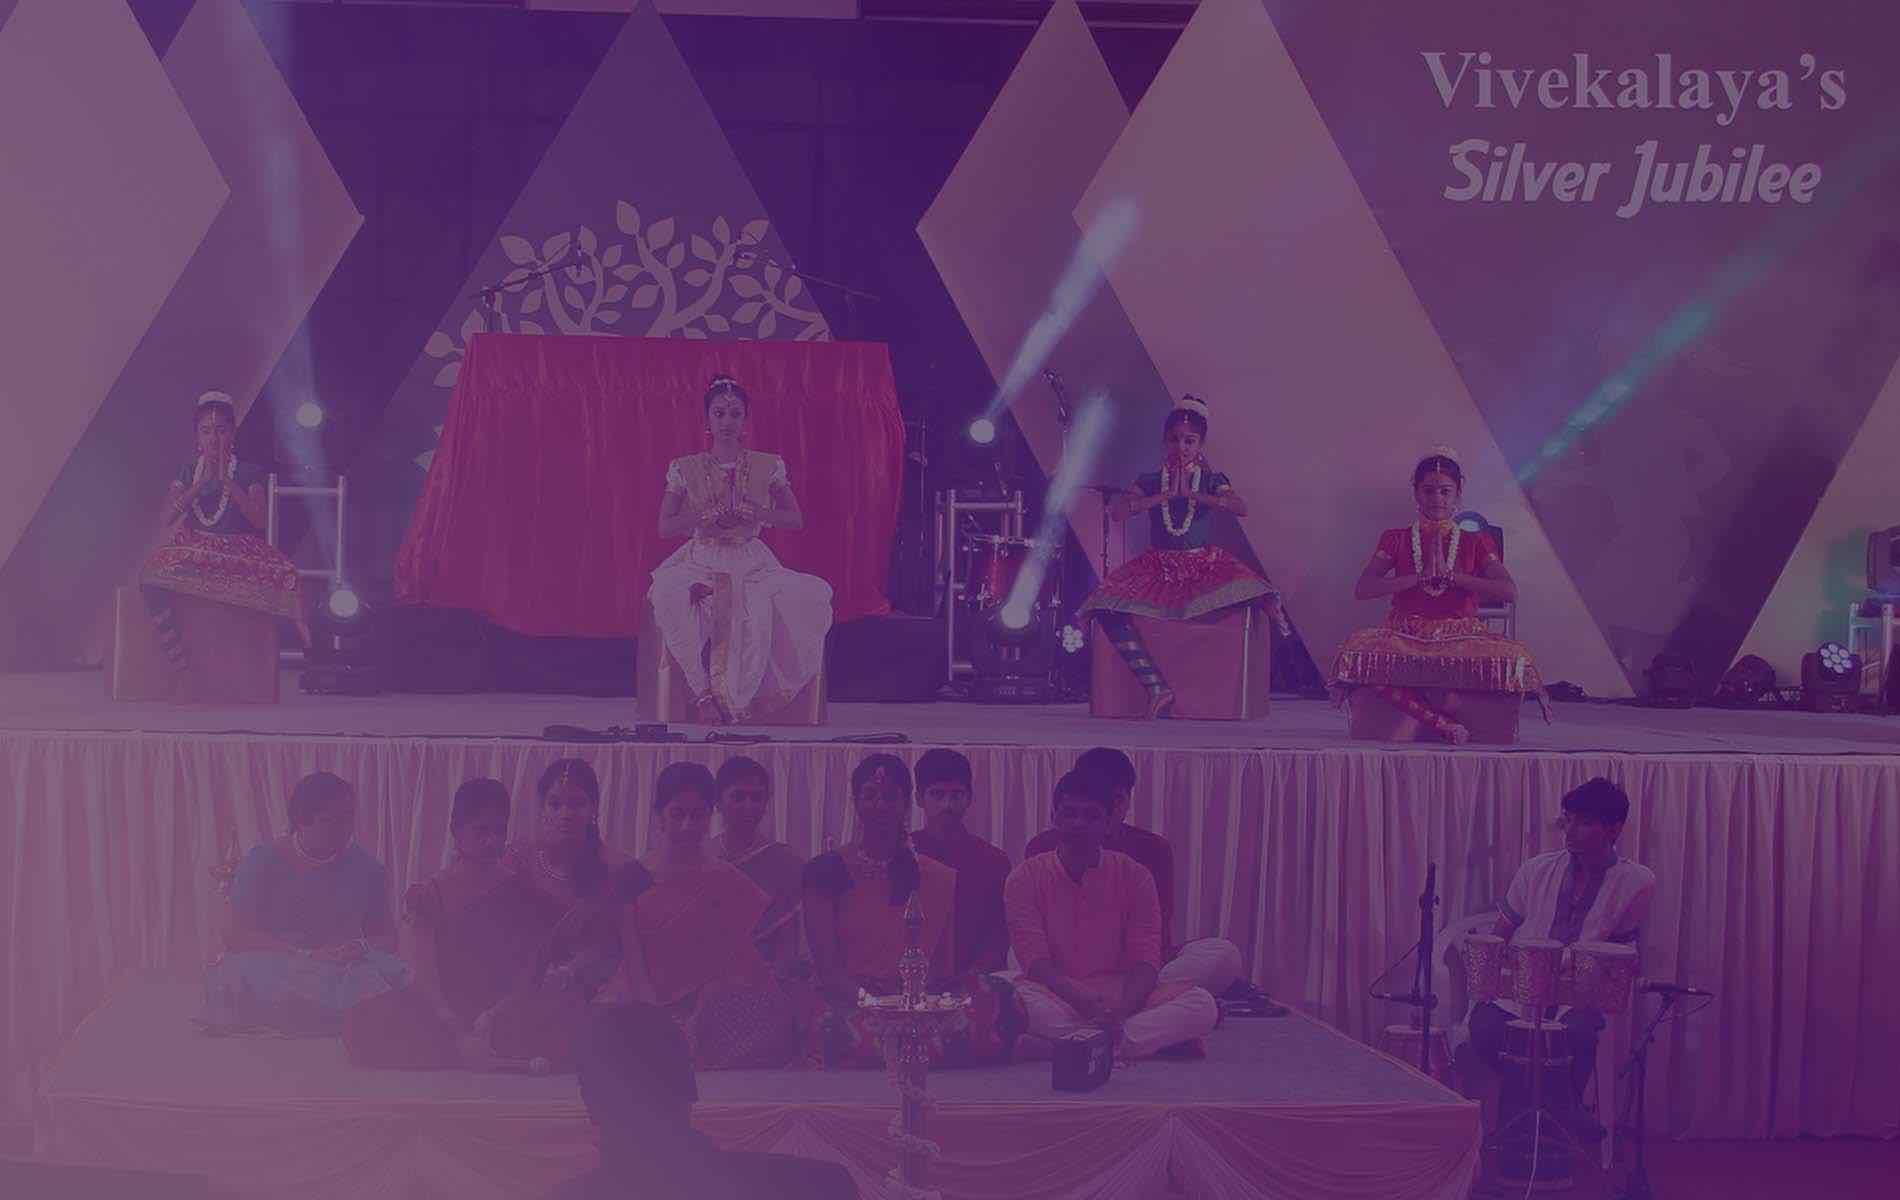 Vivekalaya